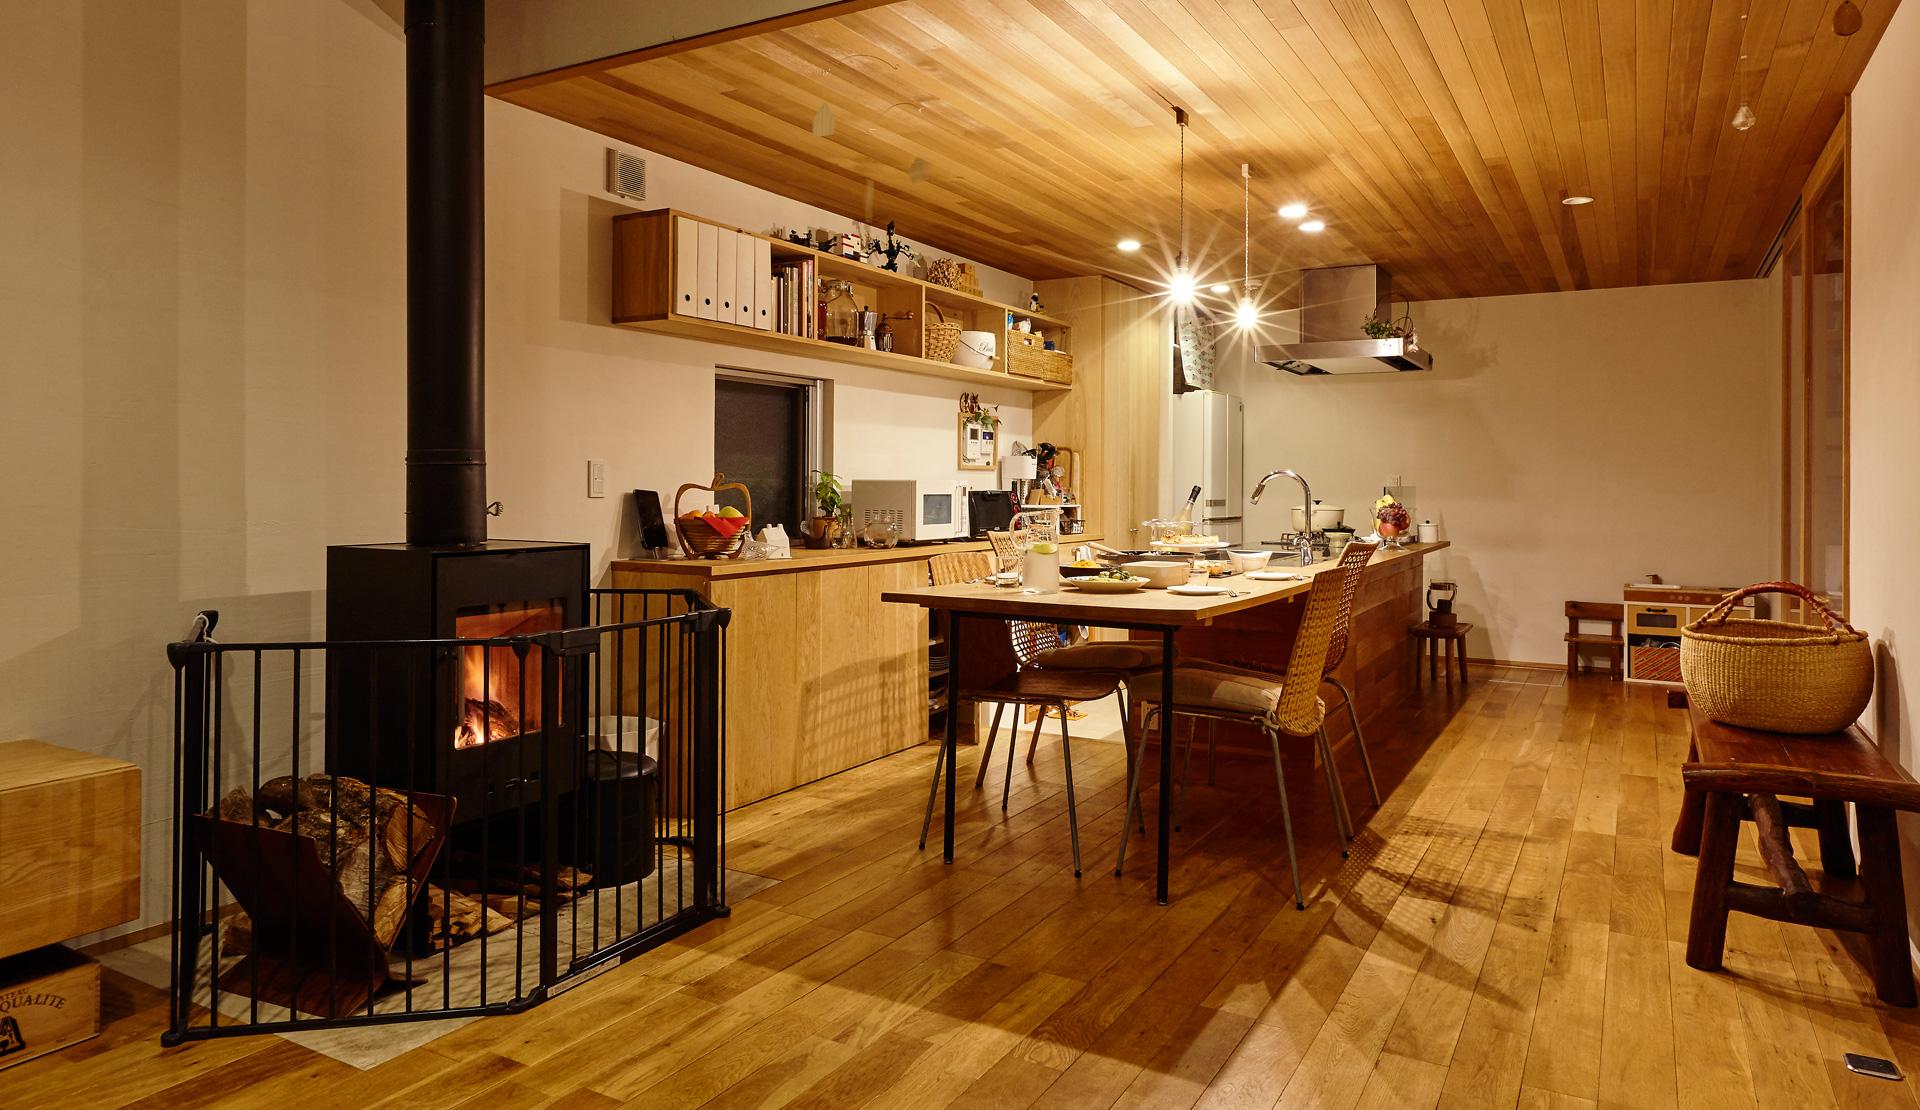 暖炉を囲む家